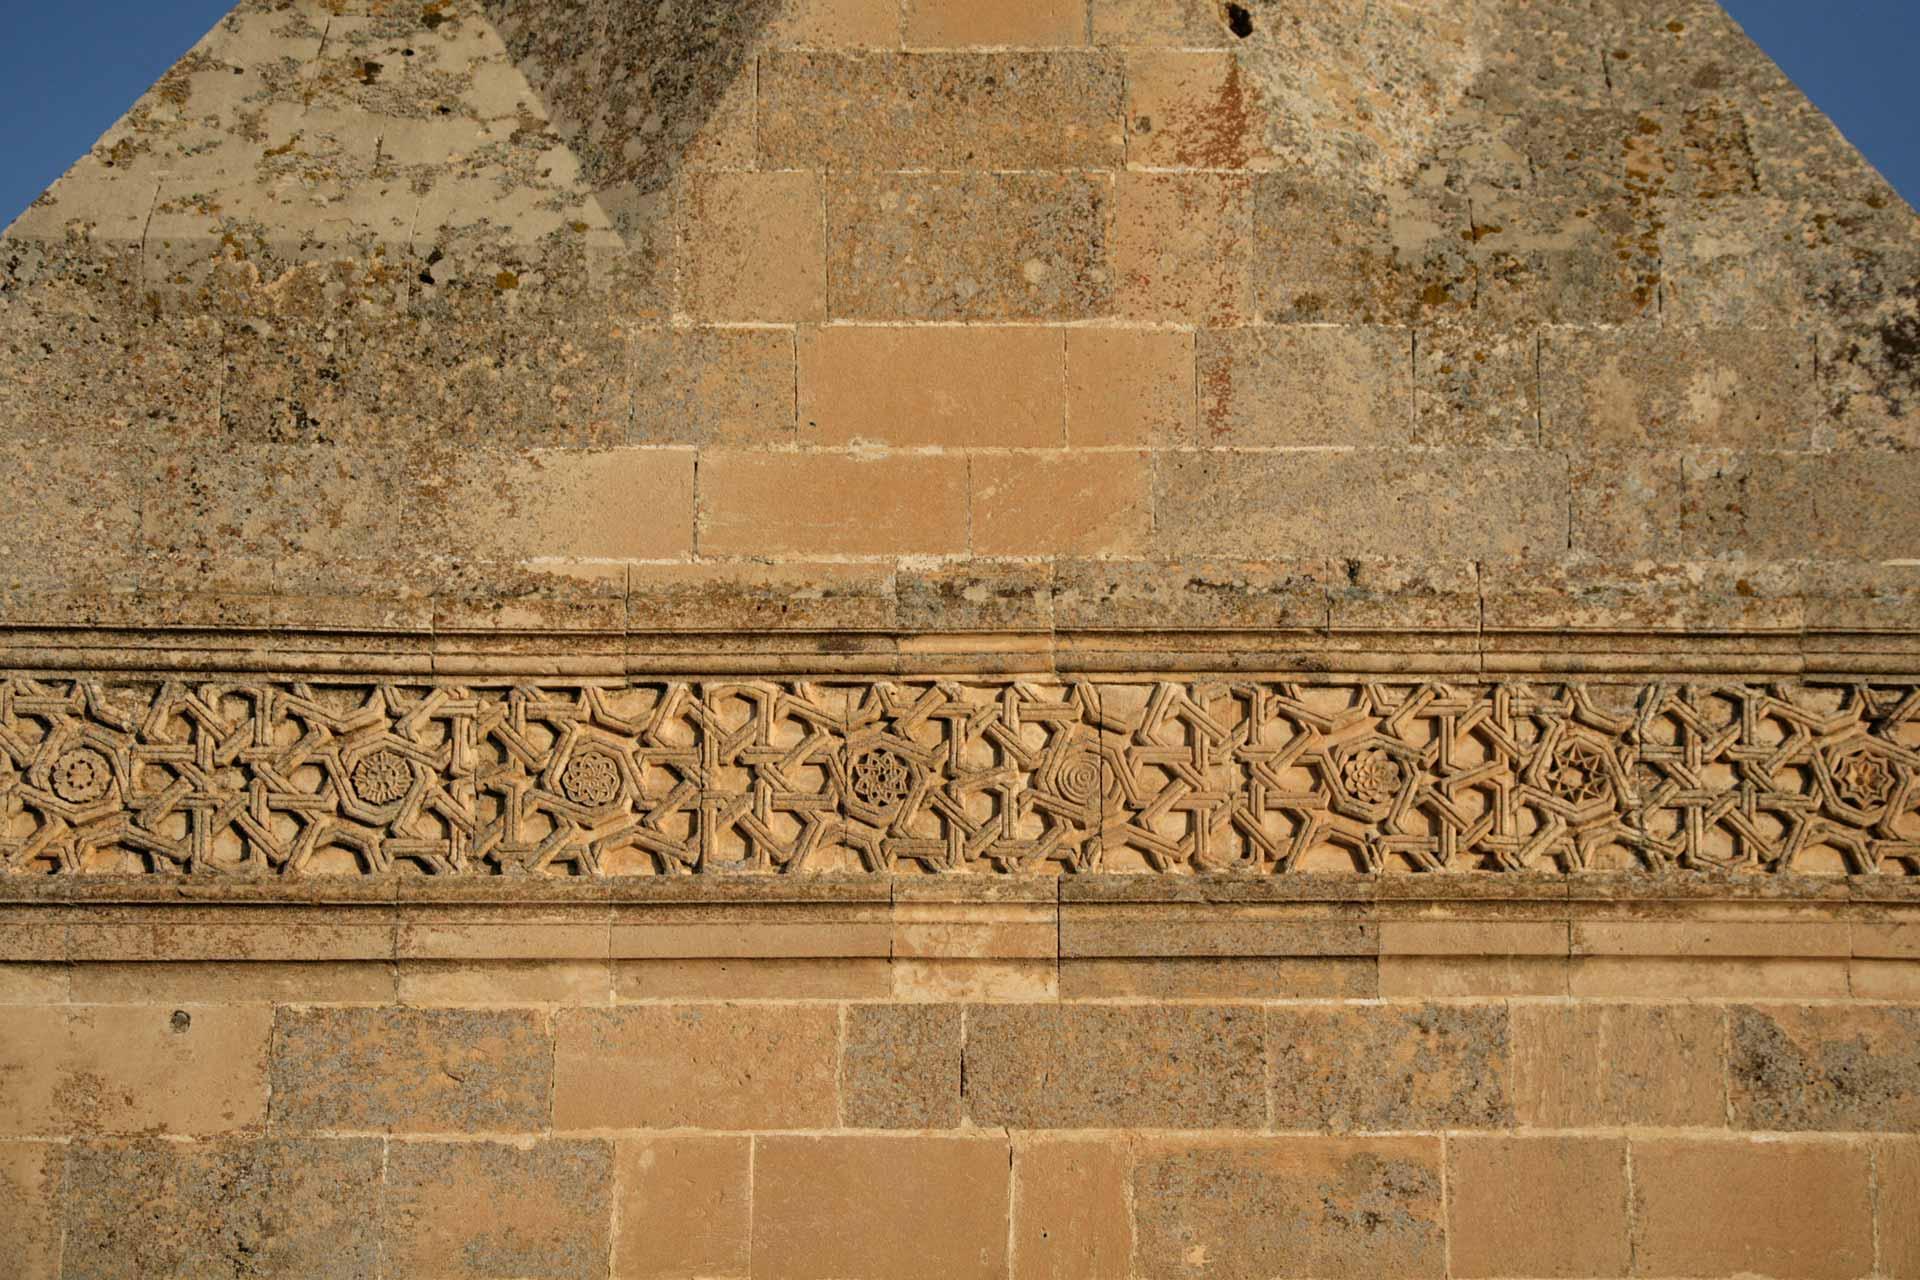 Der Sockel des Minaretts der El-Rizk Moschee. Die Moschee wurde 1409 vom ayubidischen Sultan Süleyman erbaut und hat kufische Beschriftungen & Dekorationen. The base of the minaret of El-Rizk Mosque was built in 1409 by the Ayyubid sultan Süleyman. It has Kufic incriptions & decorations.